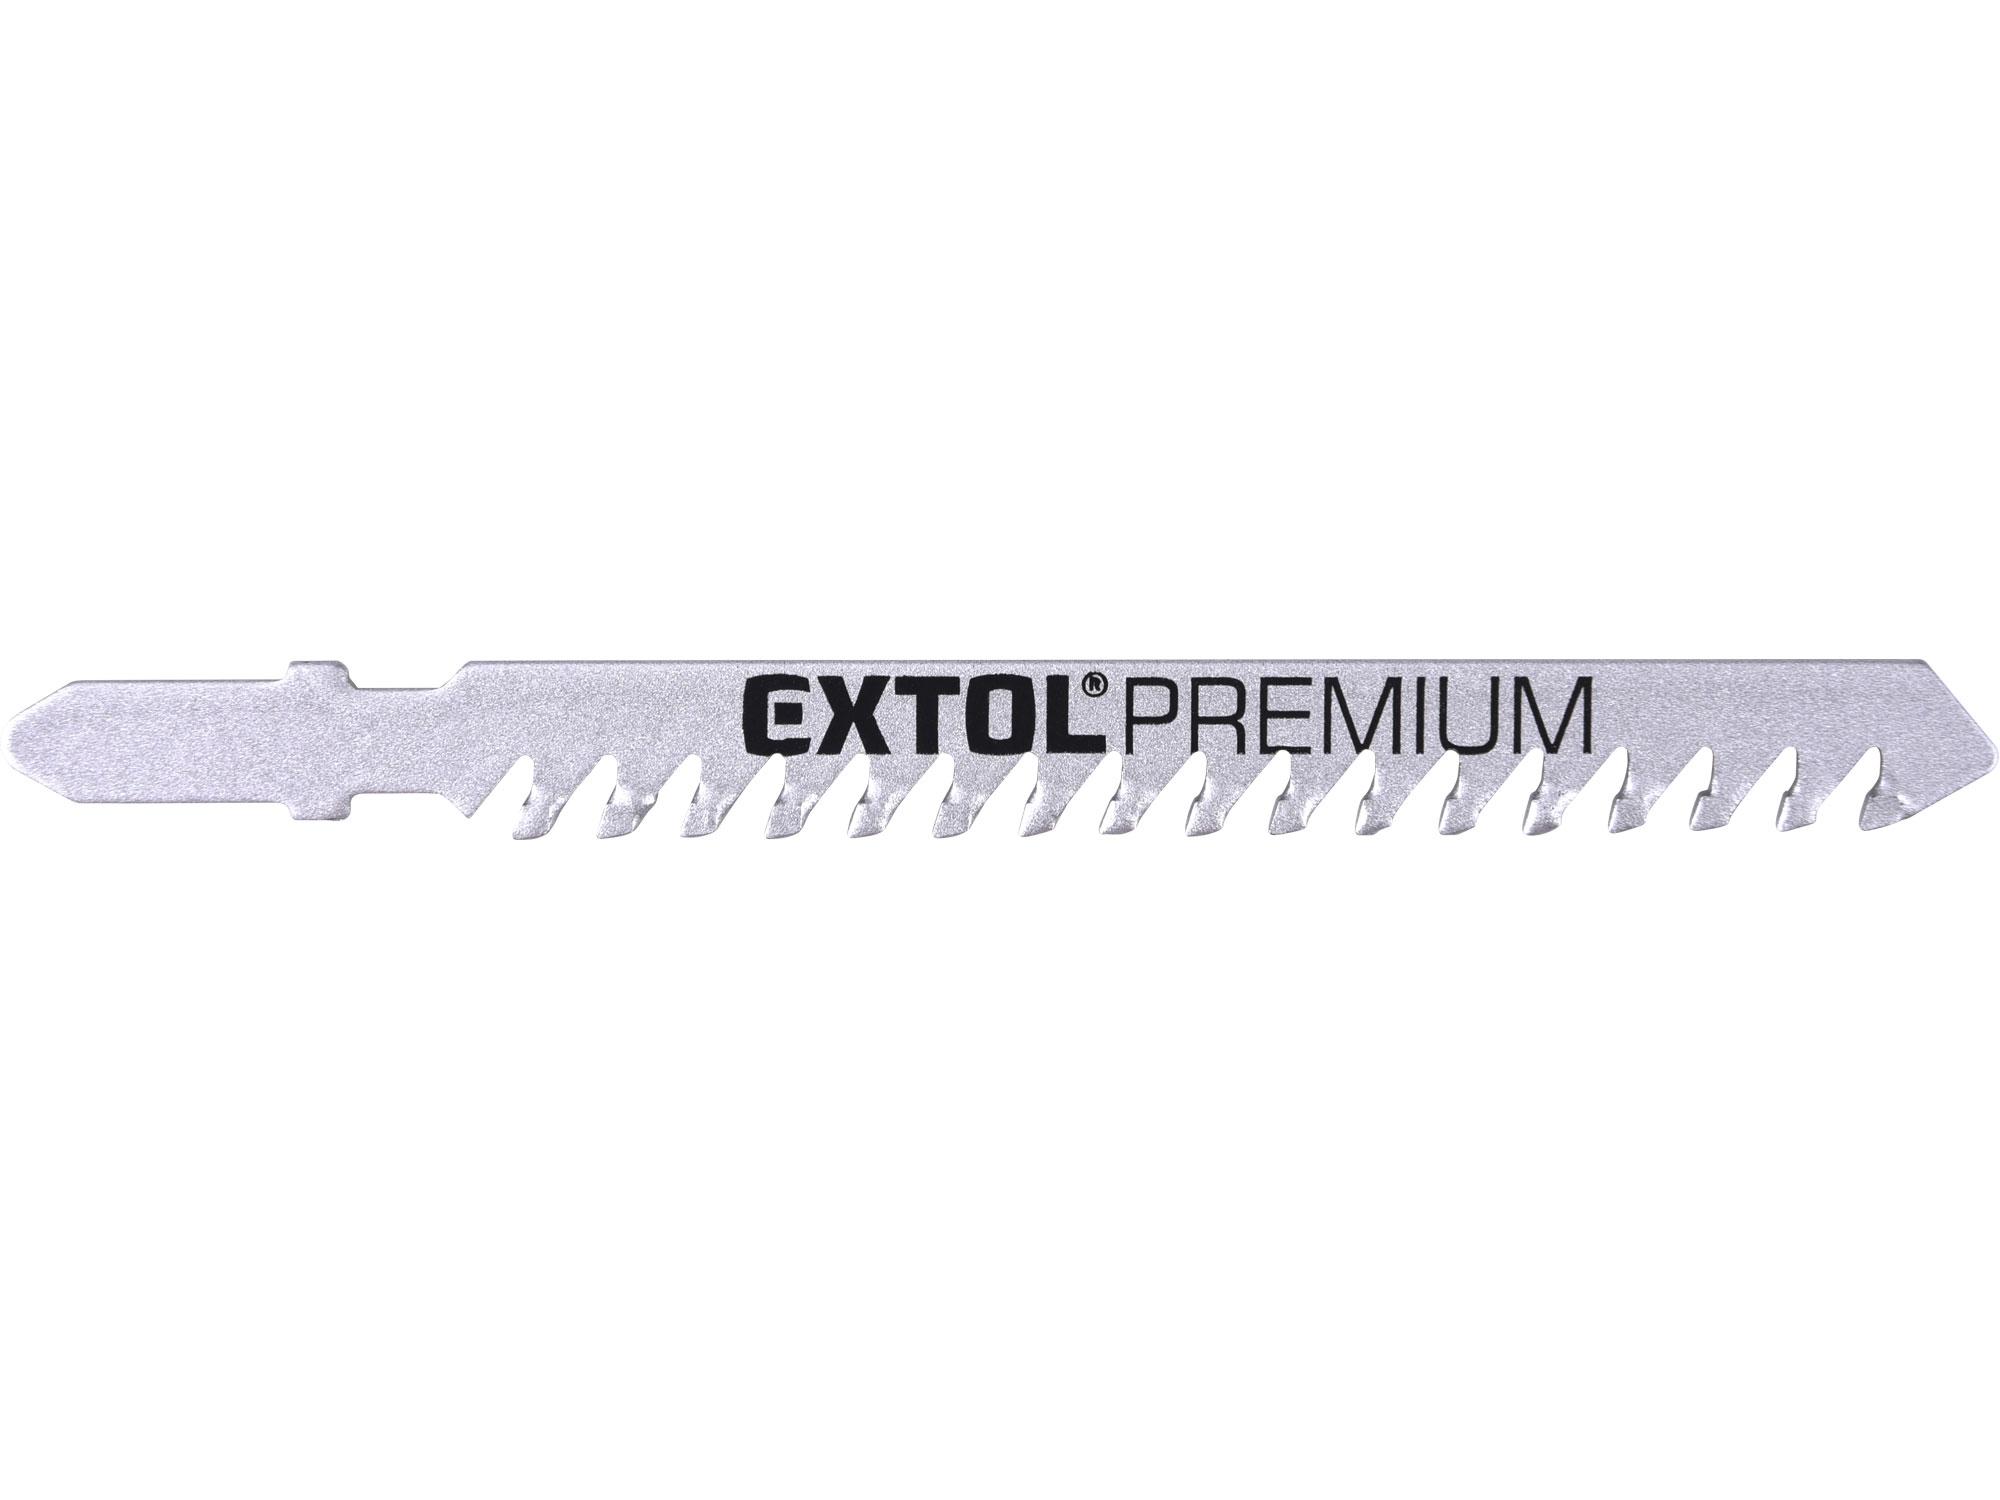 plátky do přímočaré pily s SK zuby 3ks, 100x1,5mm, EXTOL PREMIUM 8805300